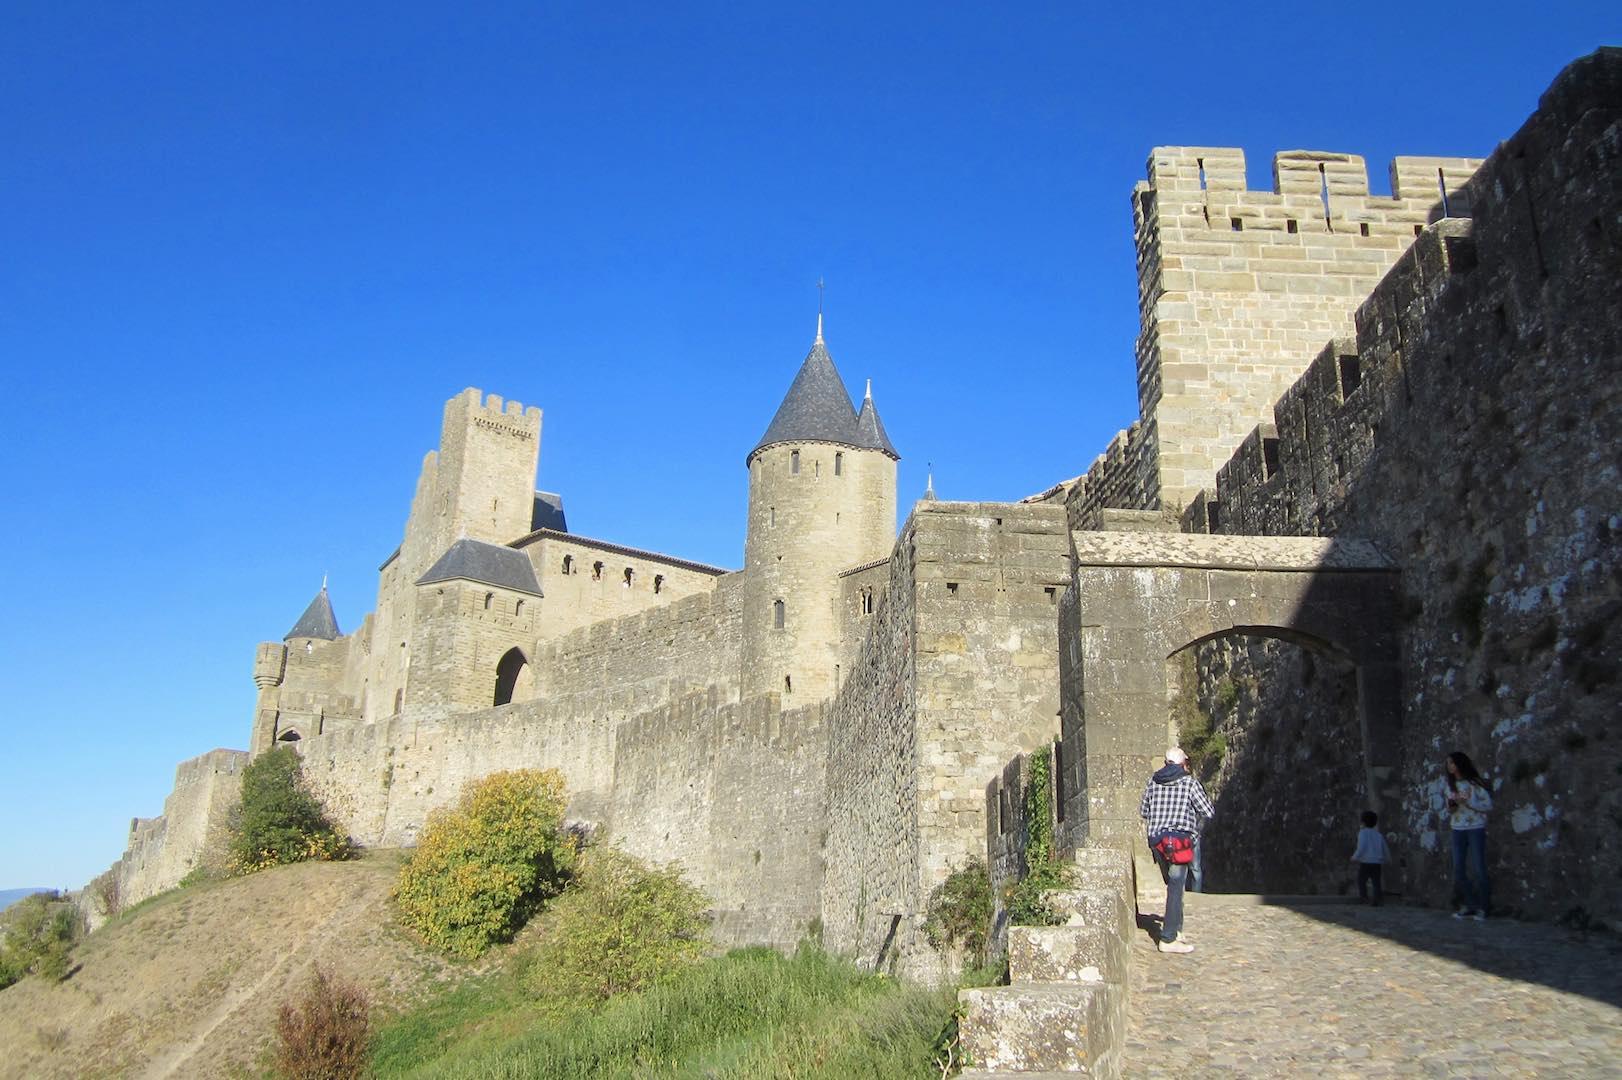 La cité medieval de Carcassonne, Patrimonio Mundial de la Humanidad. ©M. Calvo